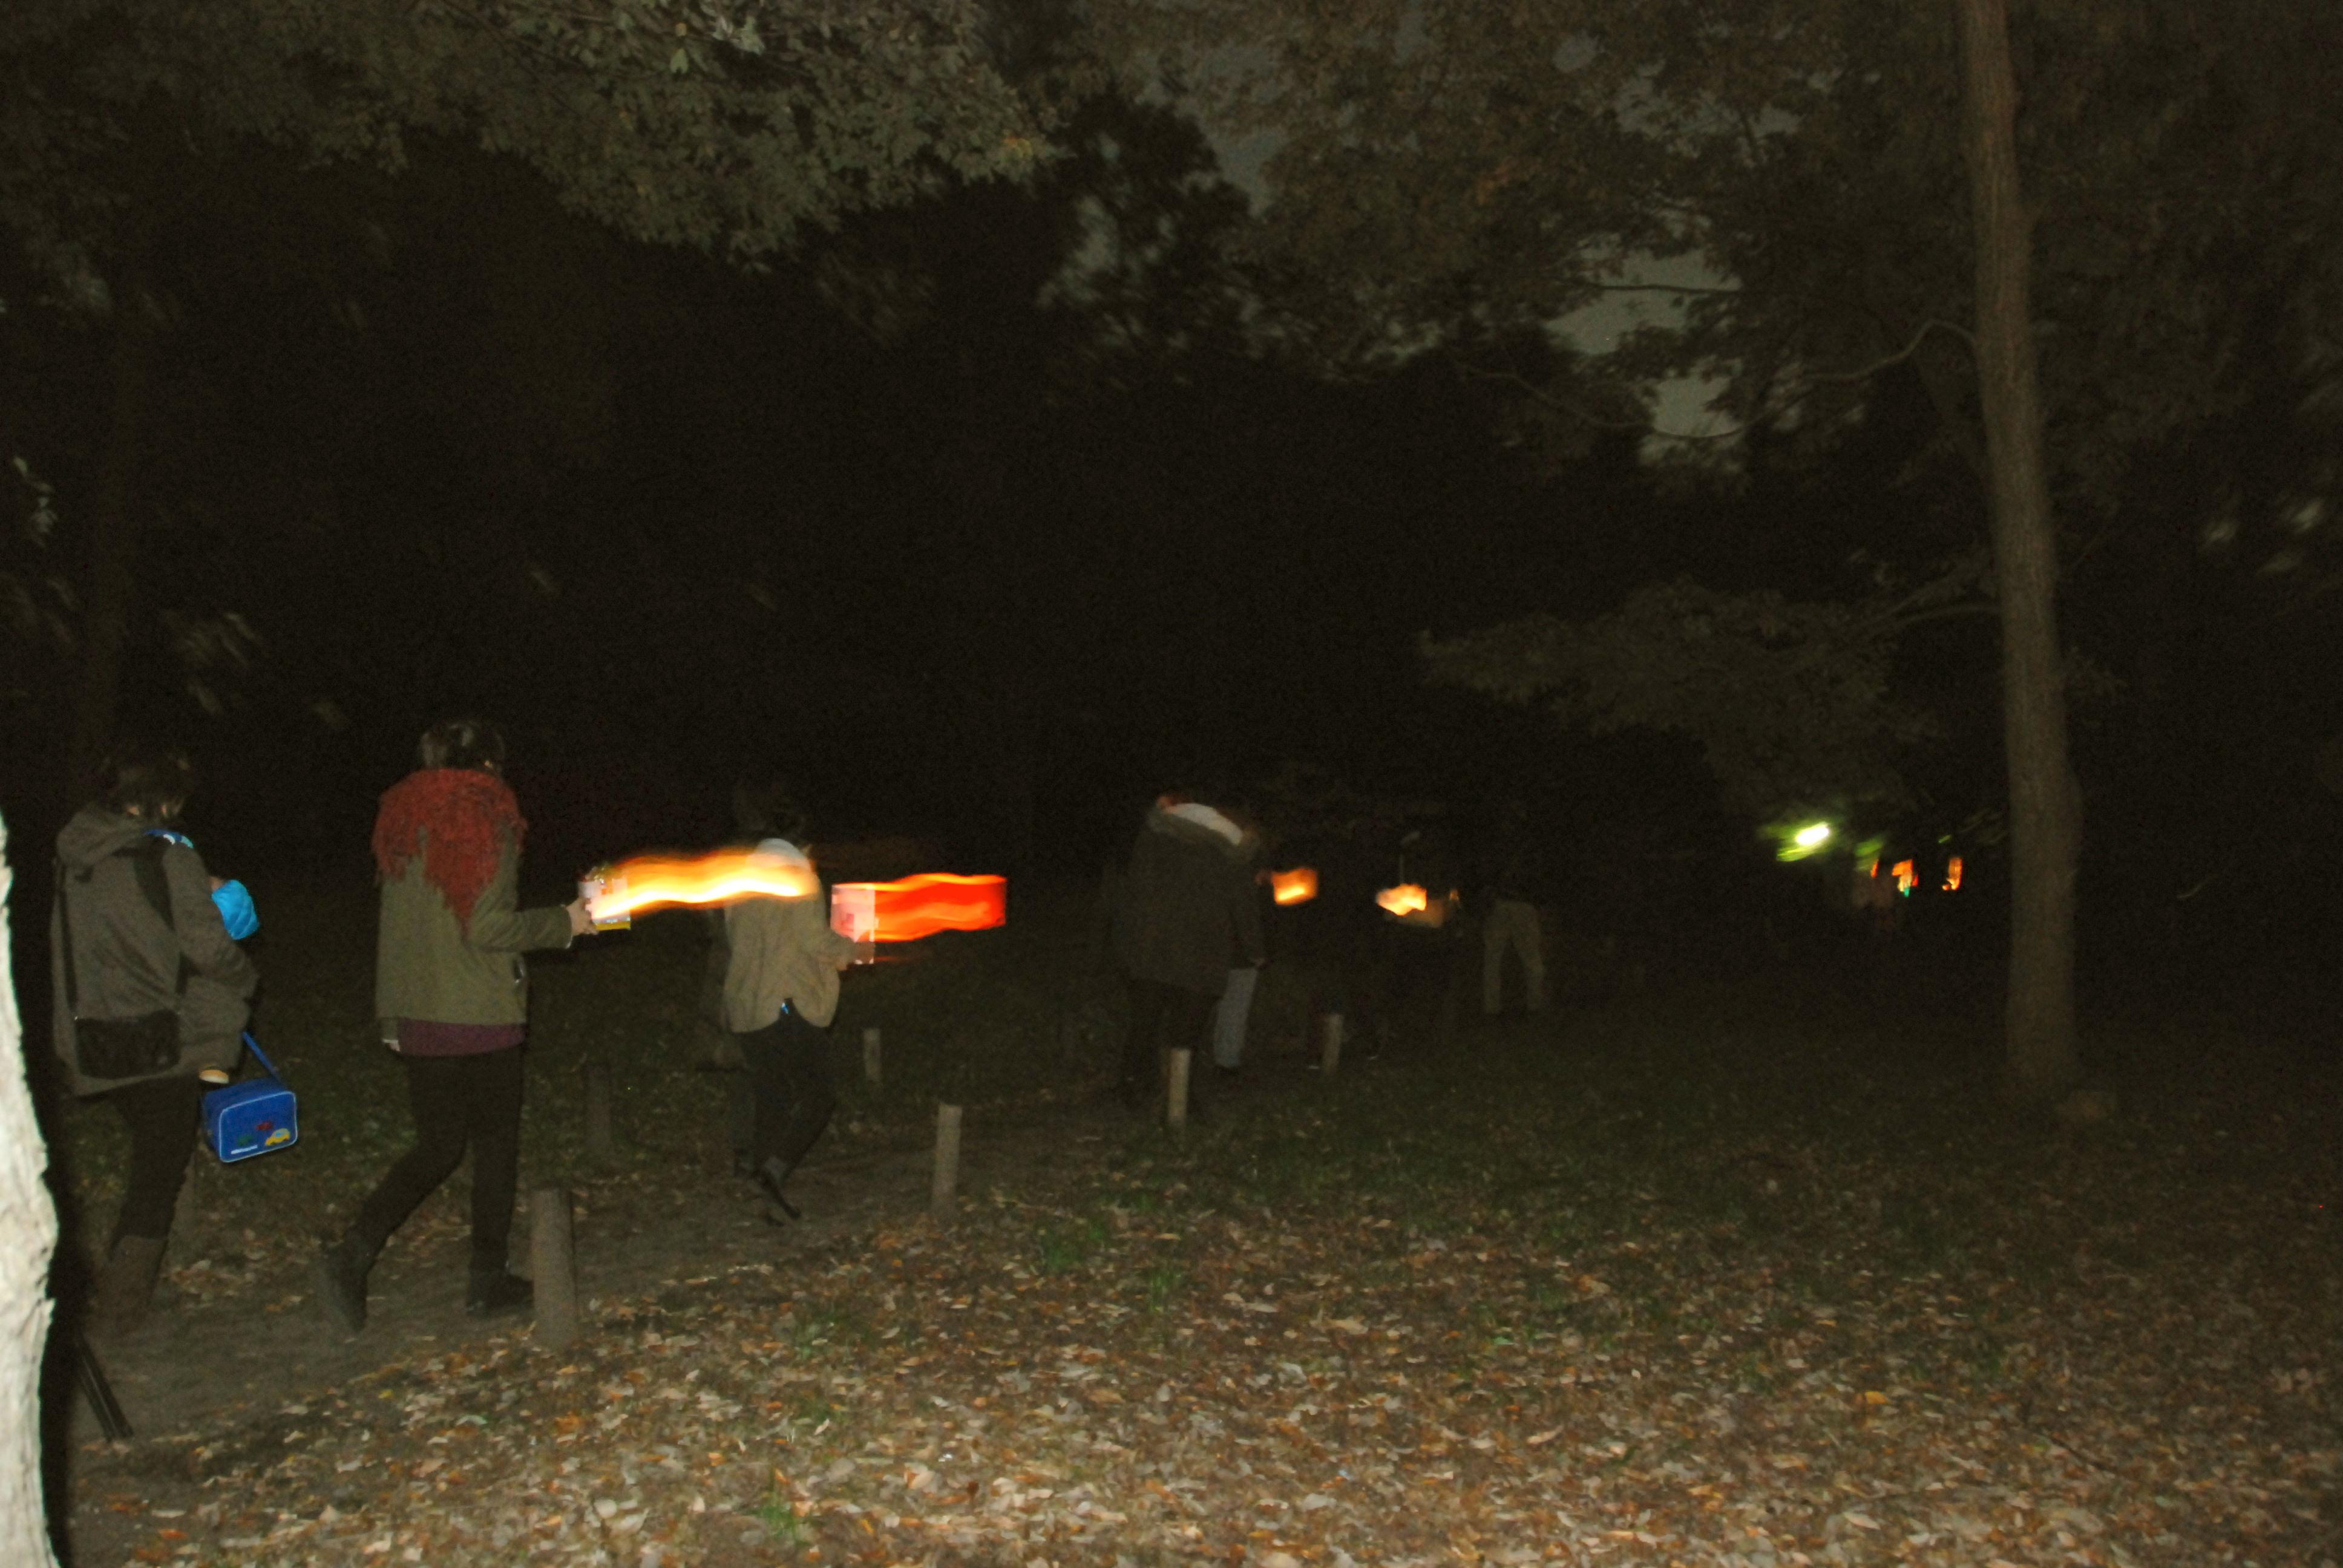 暗い林を5人づつのグループに分かれて、間をあけて進みます